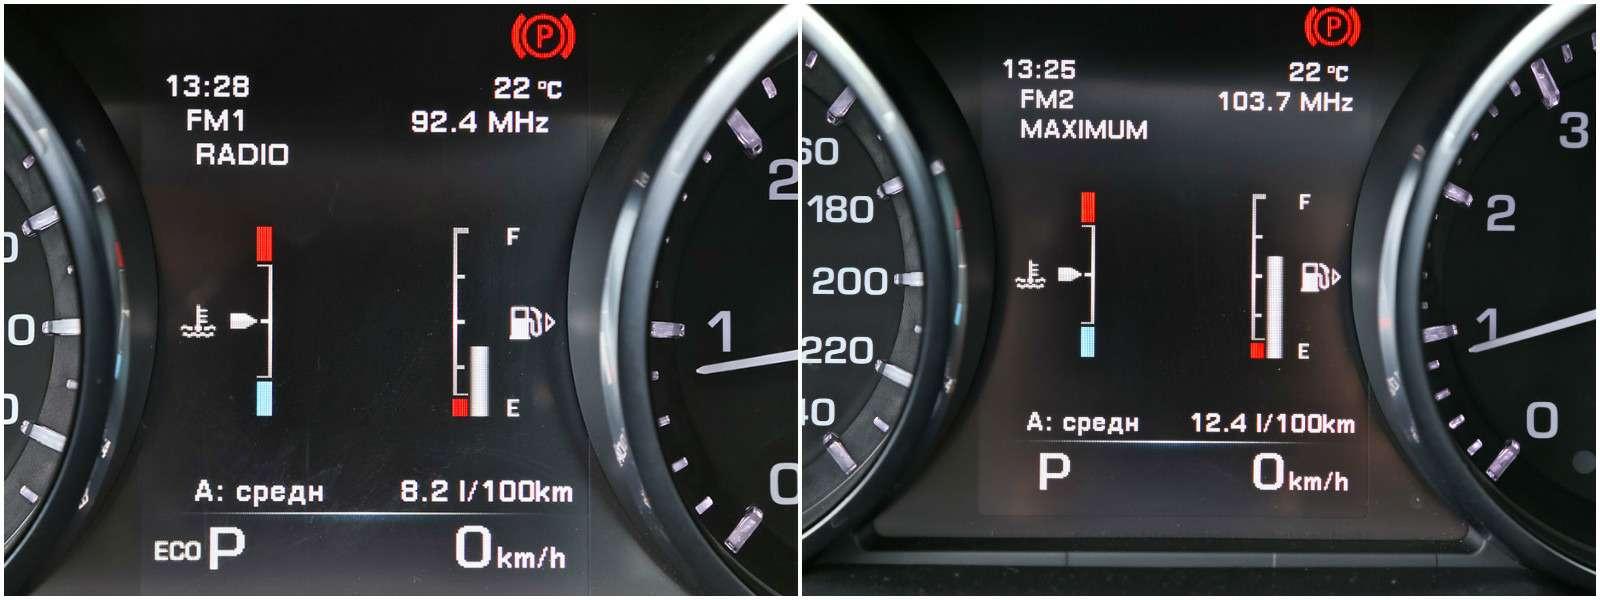 Выбираем Land Rover Discovery Sport: бензин или дизель?— фото 624664